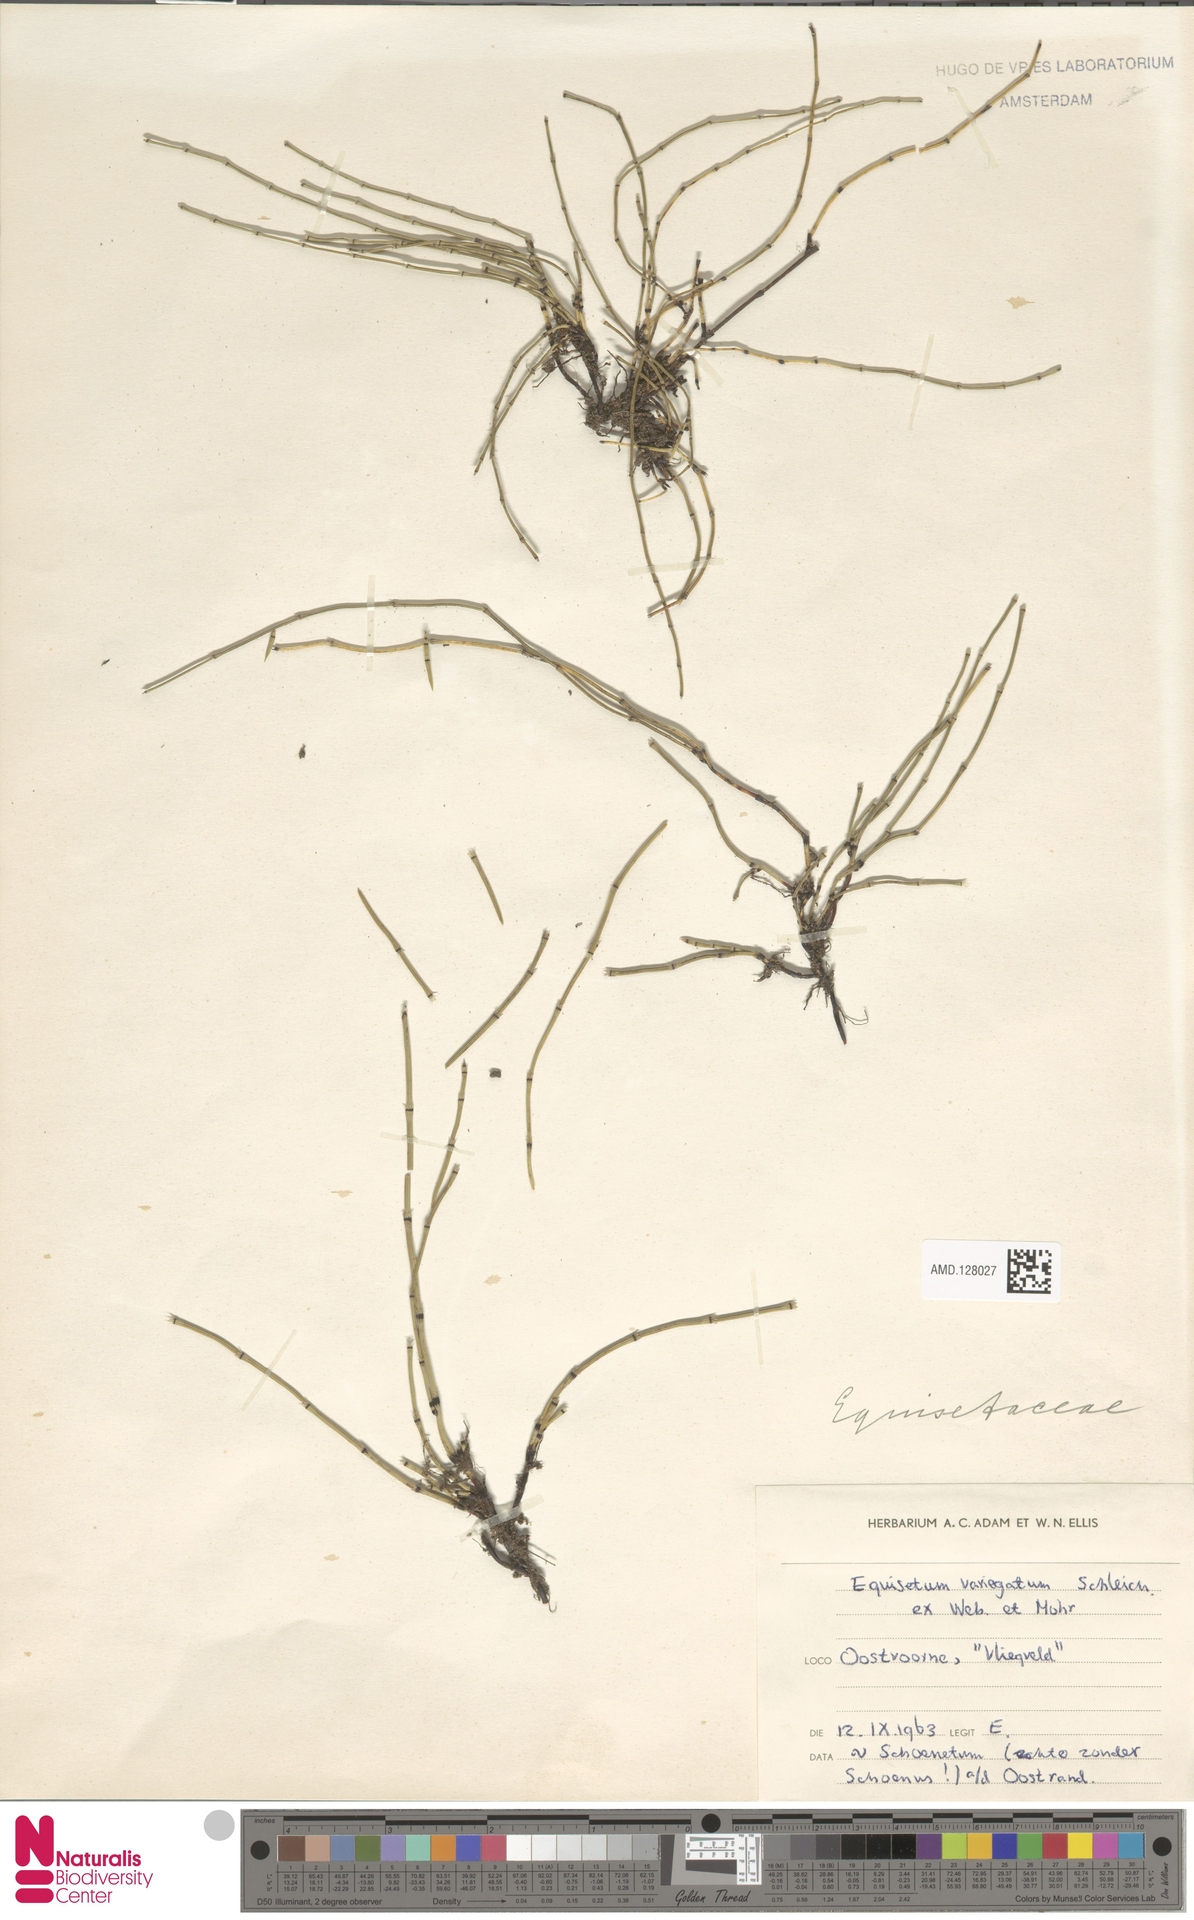 AMD.128027 | Equisetum variegatum Schleich. ex F.Weber & D.Mohr